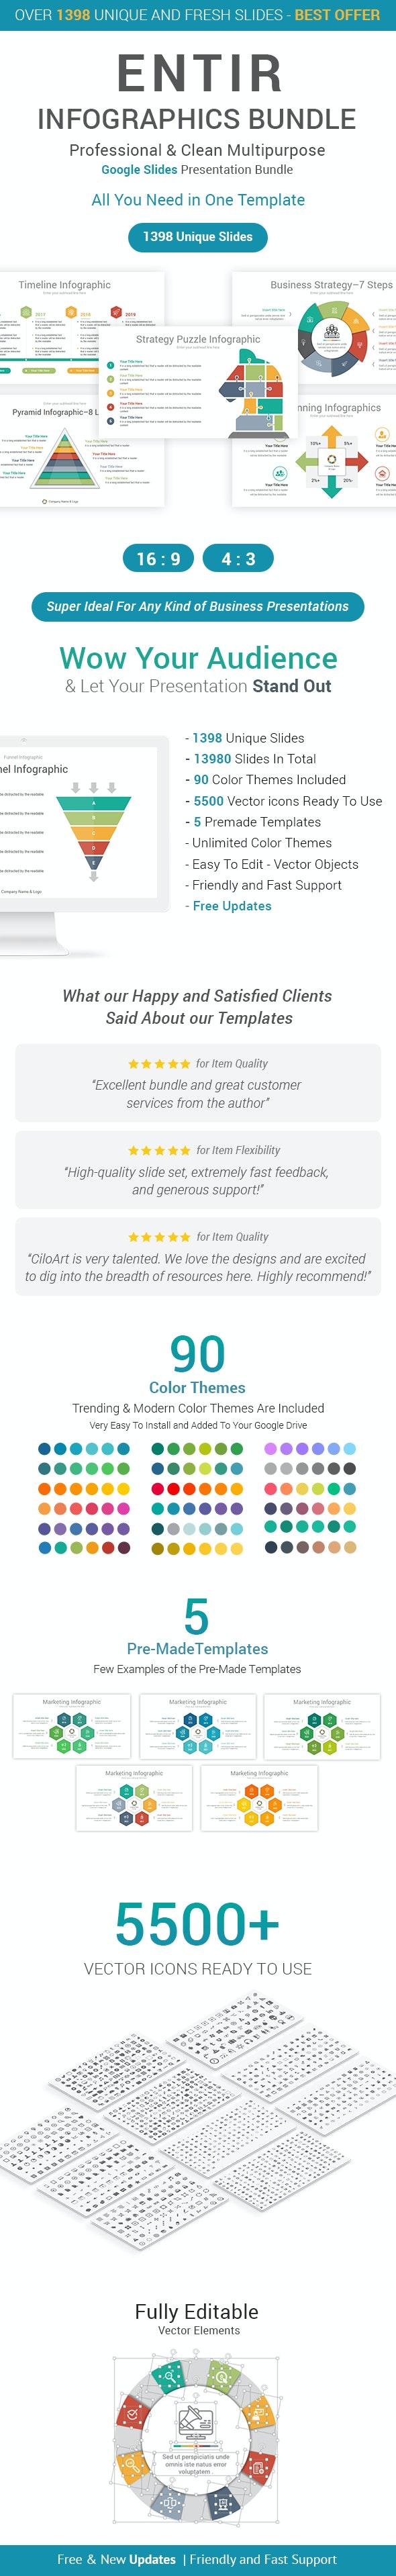 Entire Infographics Google Slides Bundle - Google Slides Presentation Templates